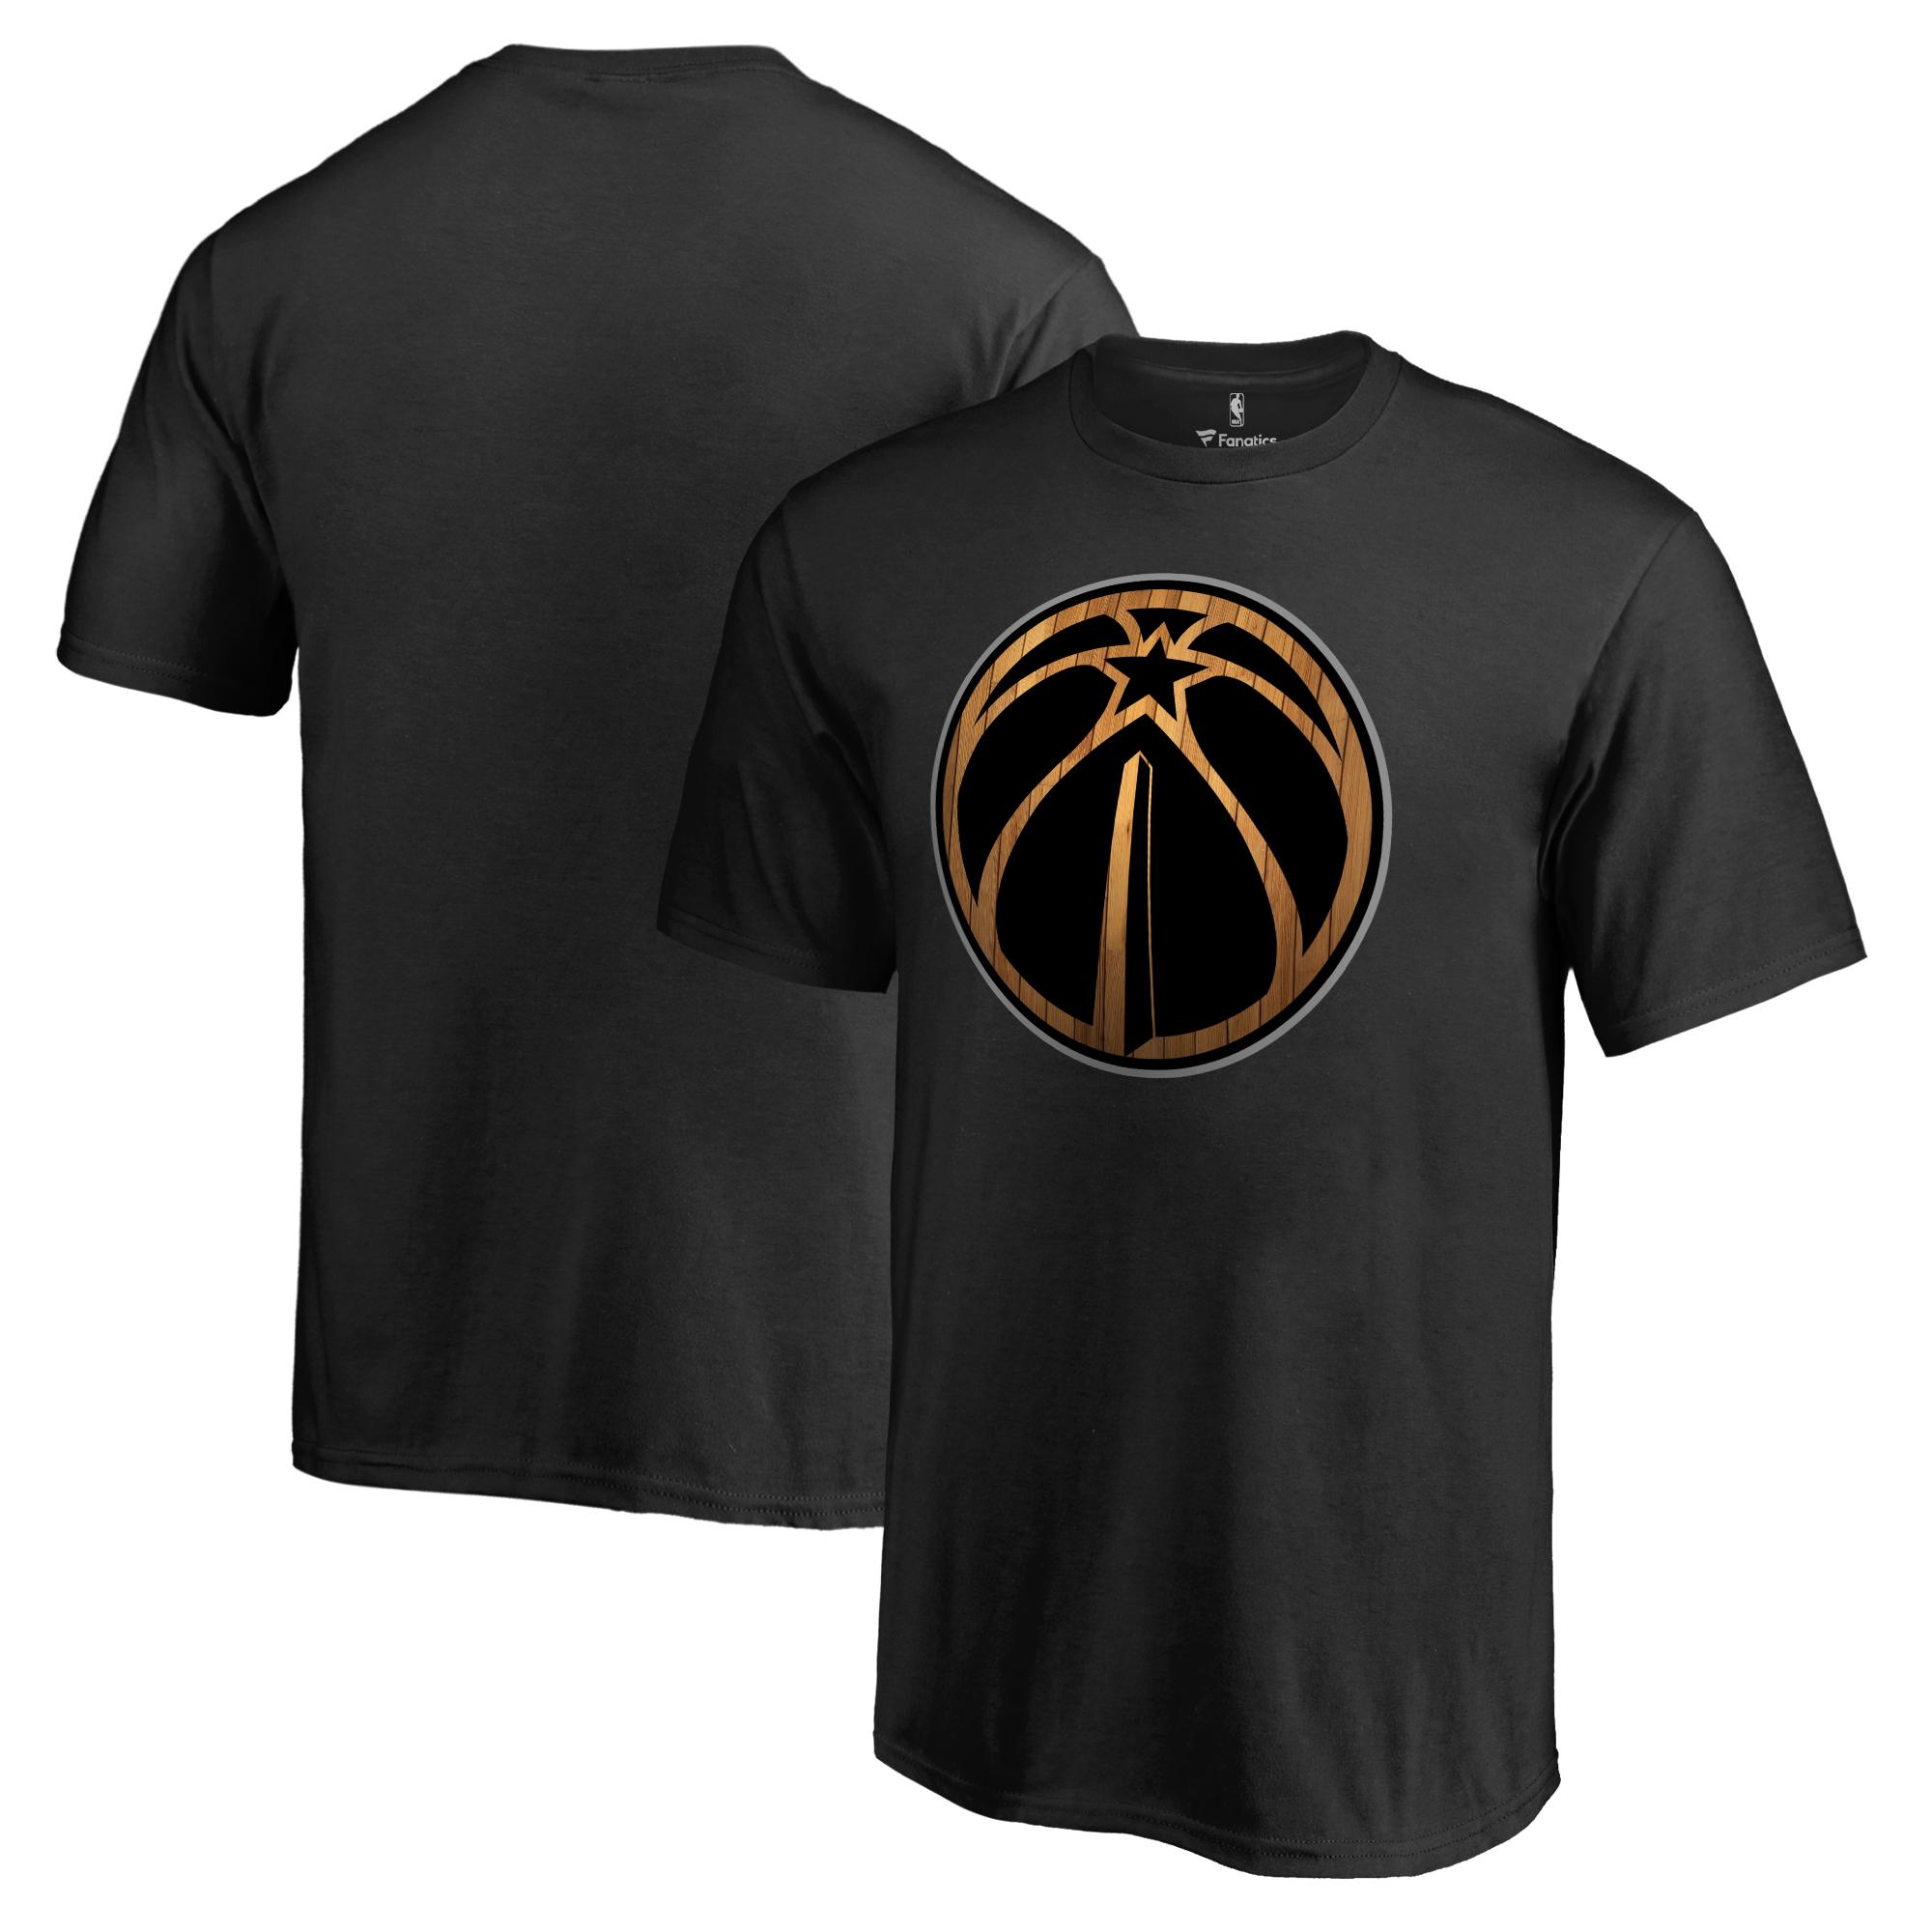 Washington Wizards Youth Hardwood T-Shirt - Black